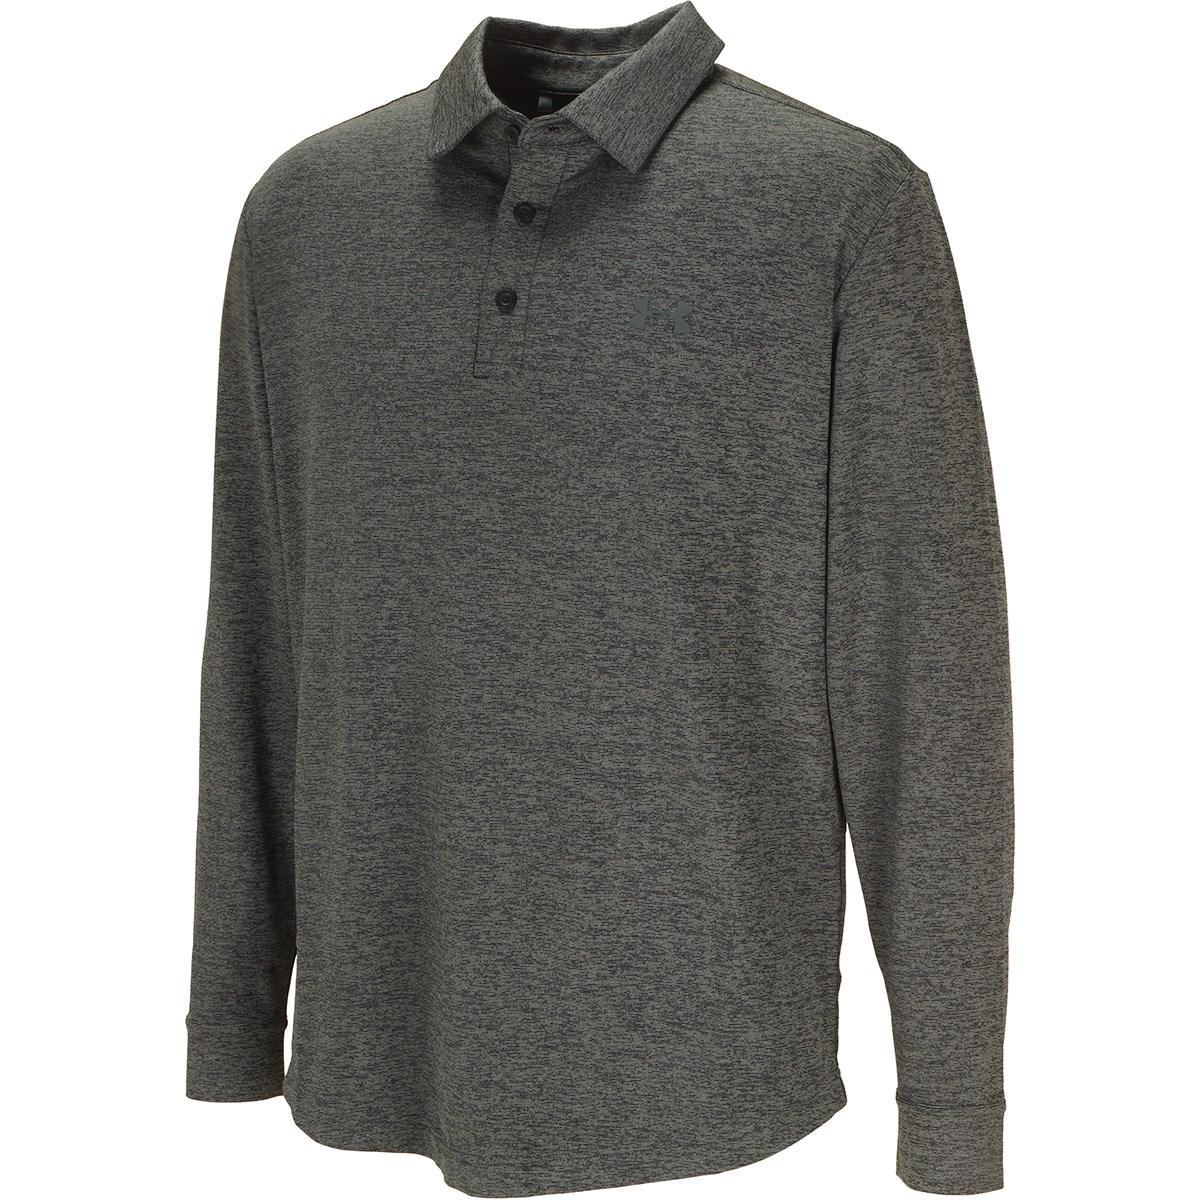 アンダーアーマー(UNDER ARMOUR) UA Playoff 2.0 長袖ポロシャツ